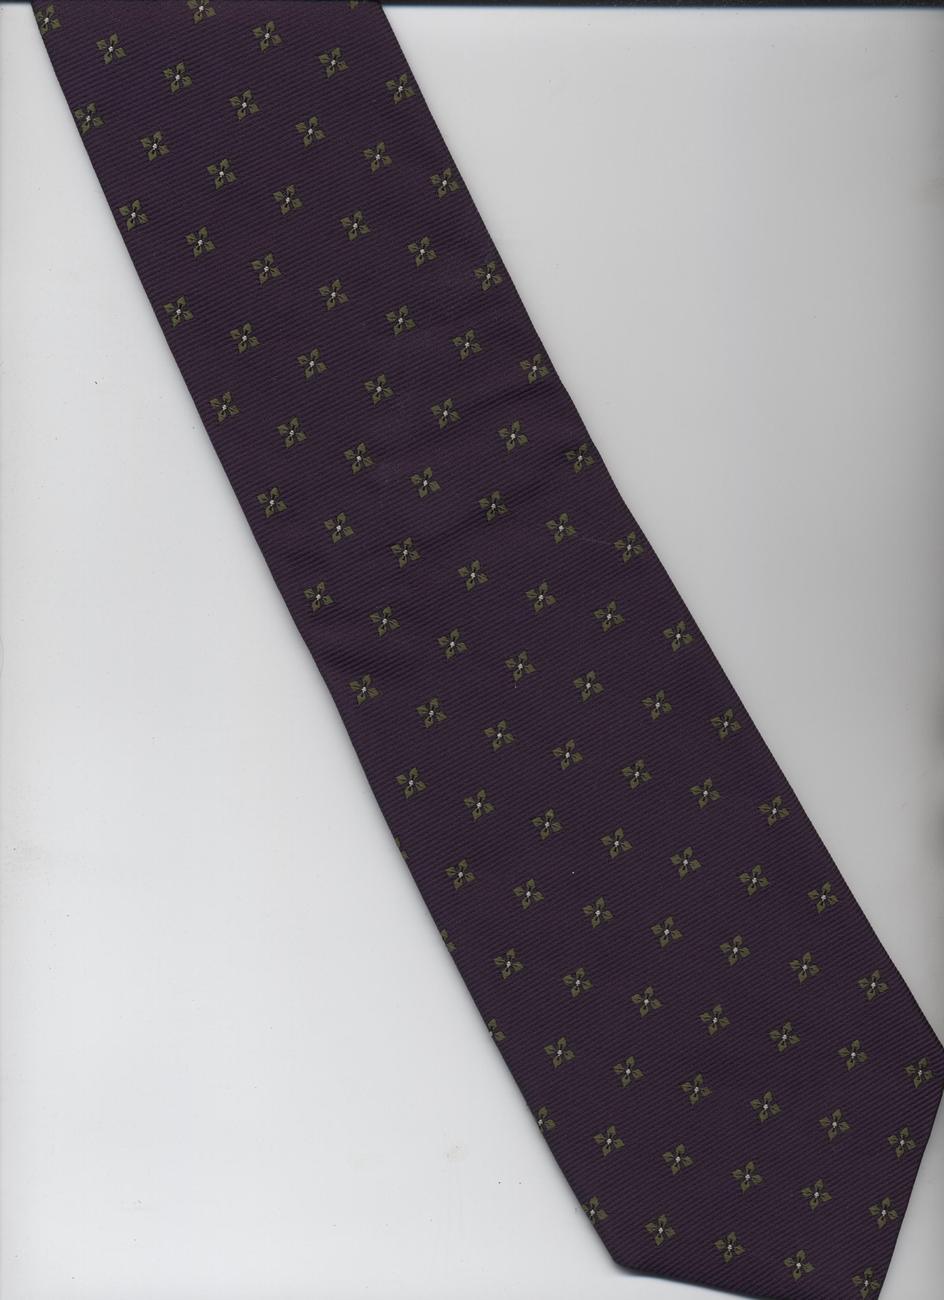 lands end tie purple gray polka dots pattern silk